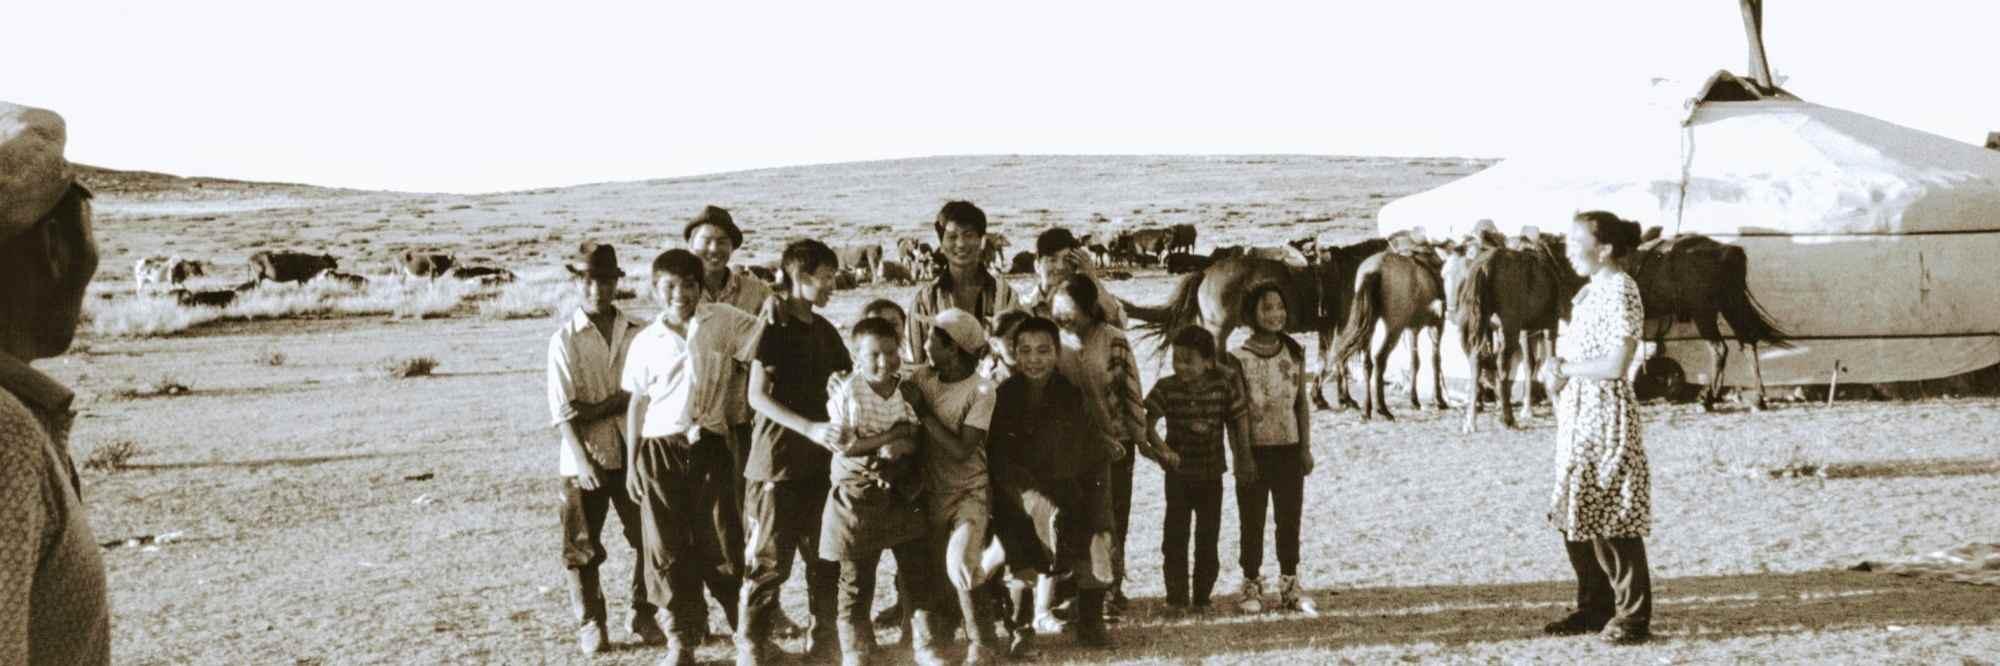 Gezin poserend voor de ger in Mongolië